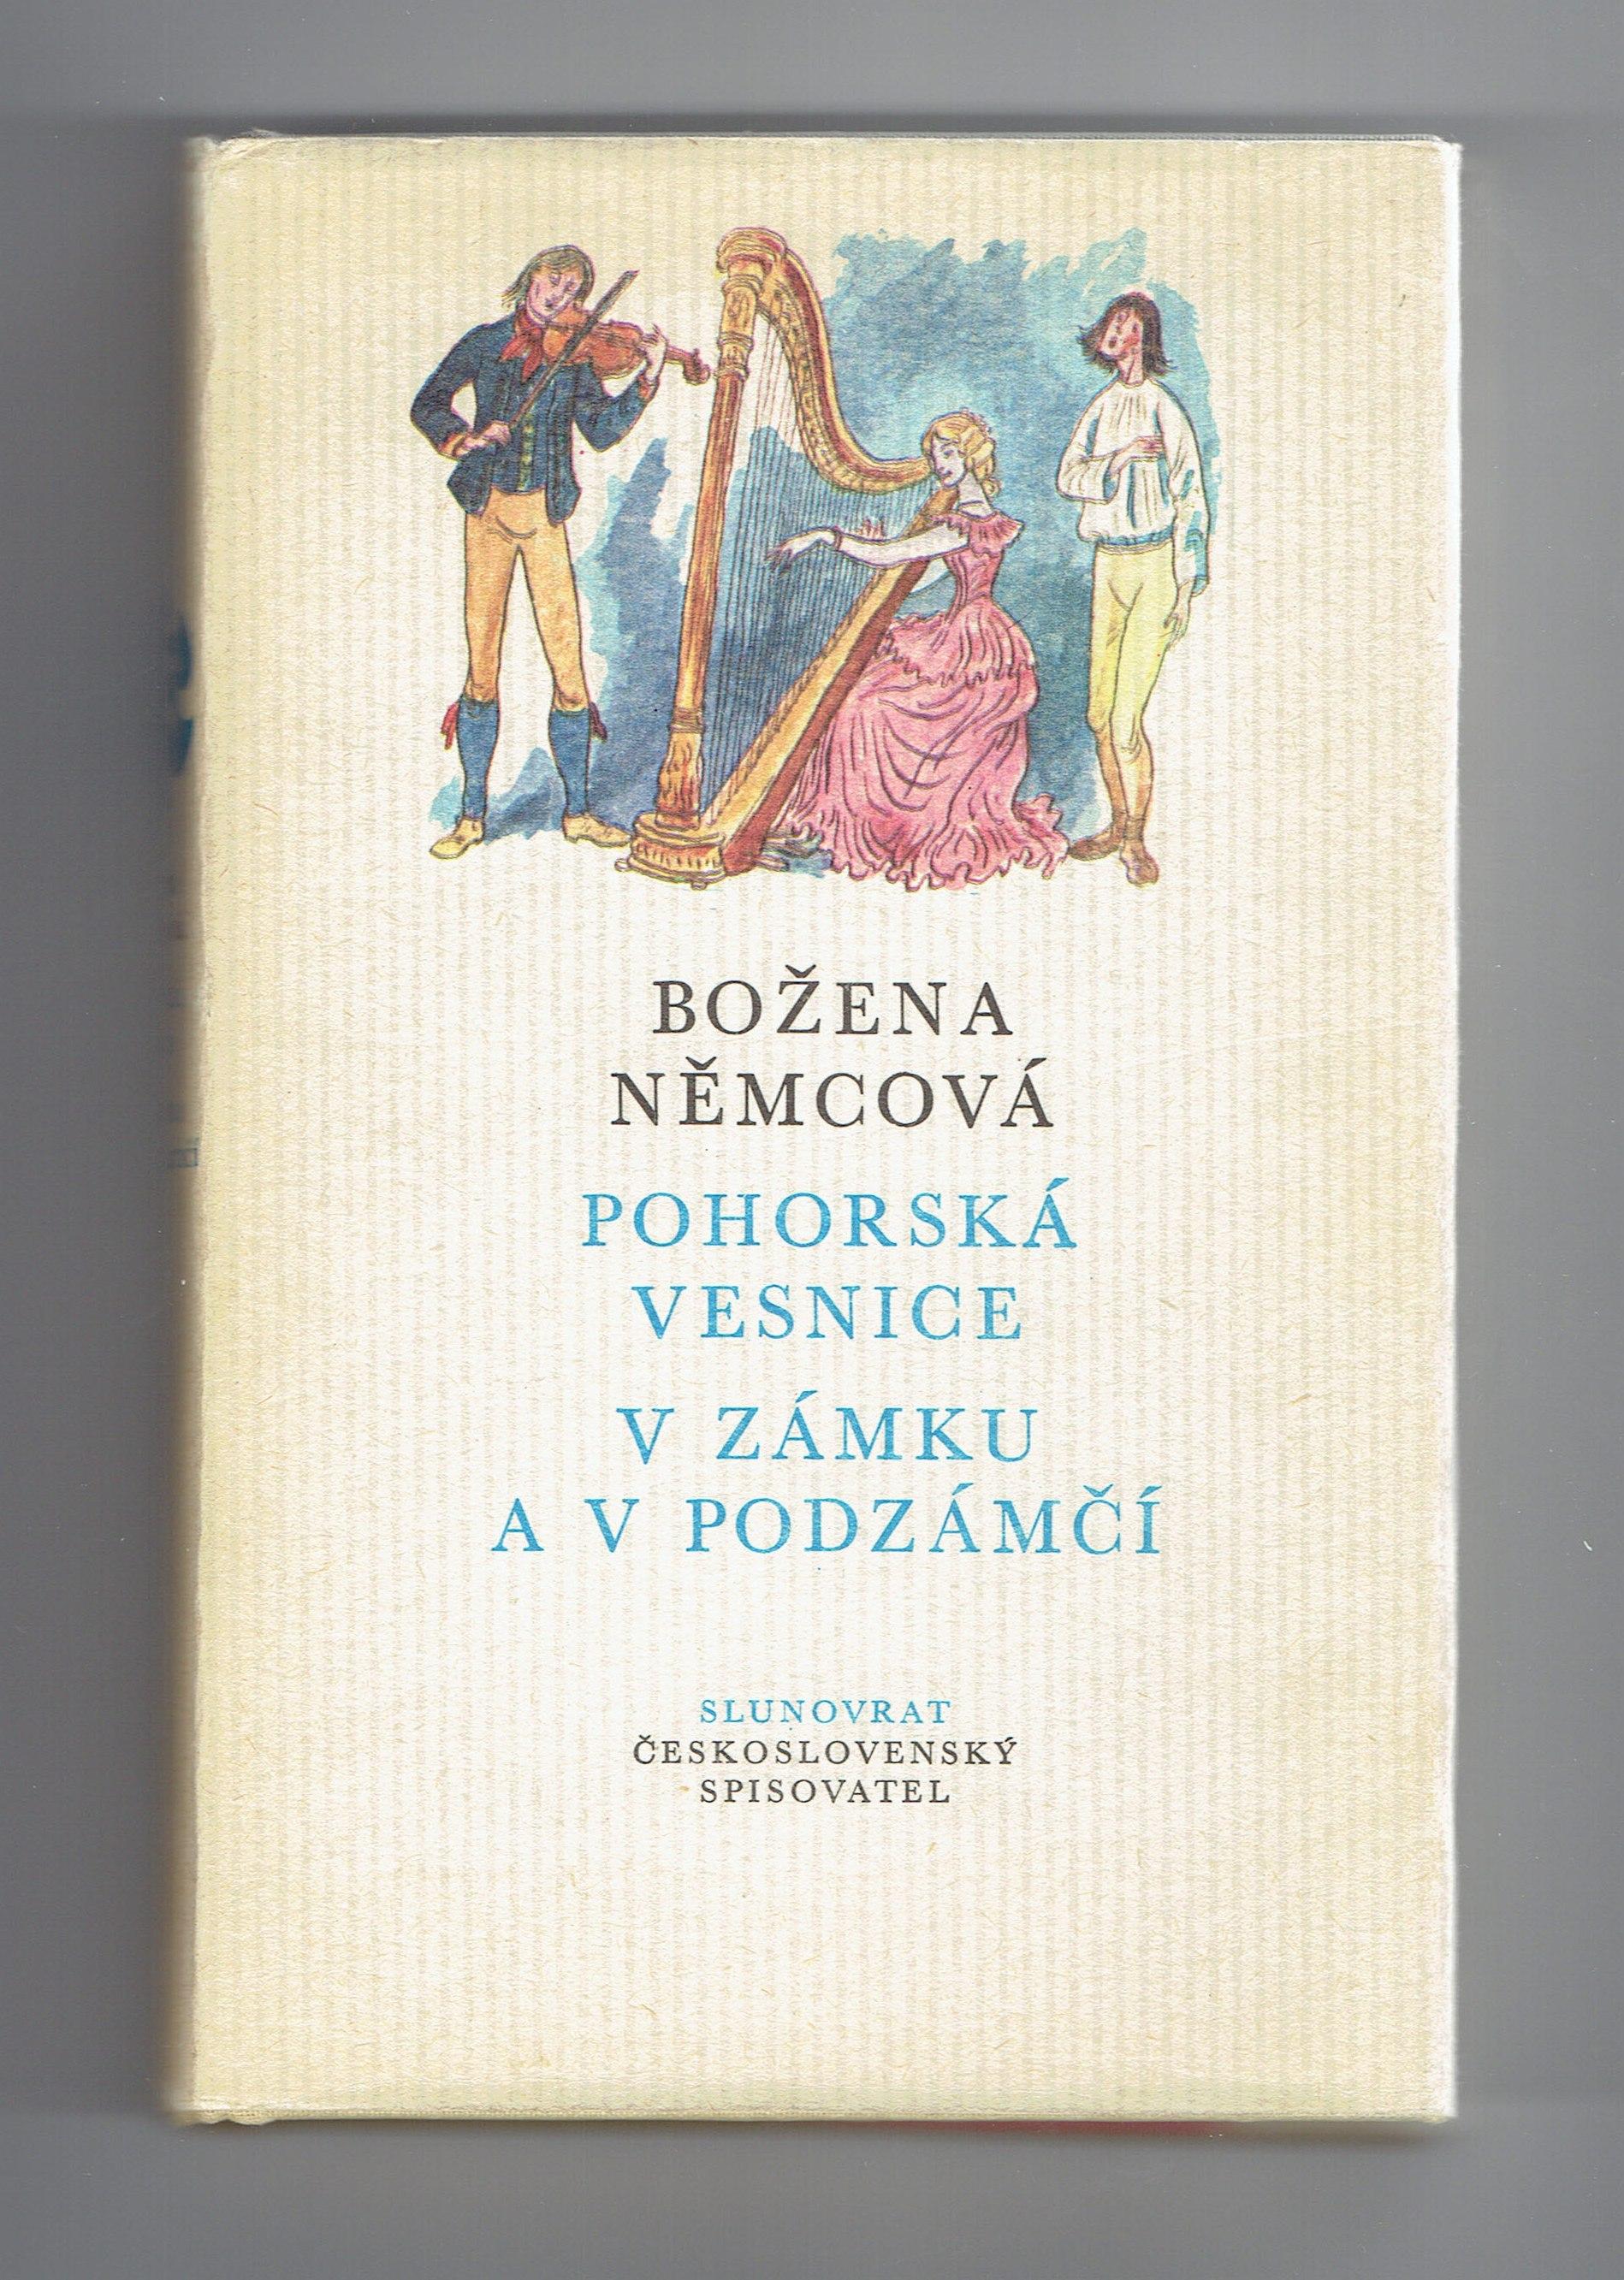 Pohorská vesnice, V zámku a v podzámčí - Božena Němcová